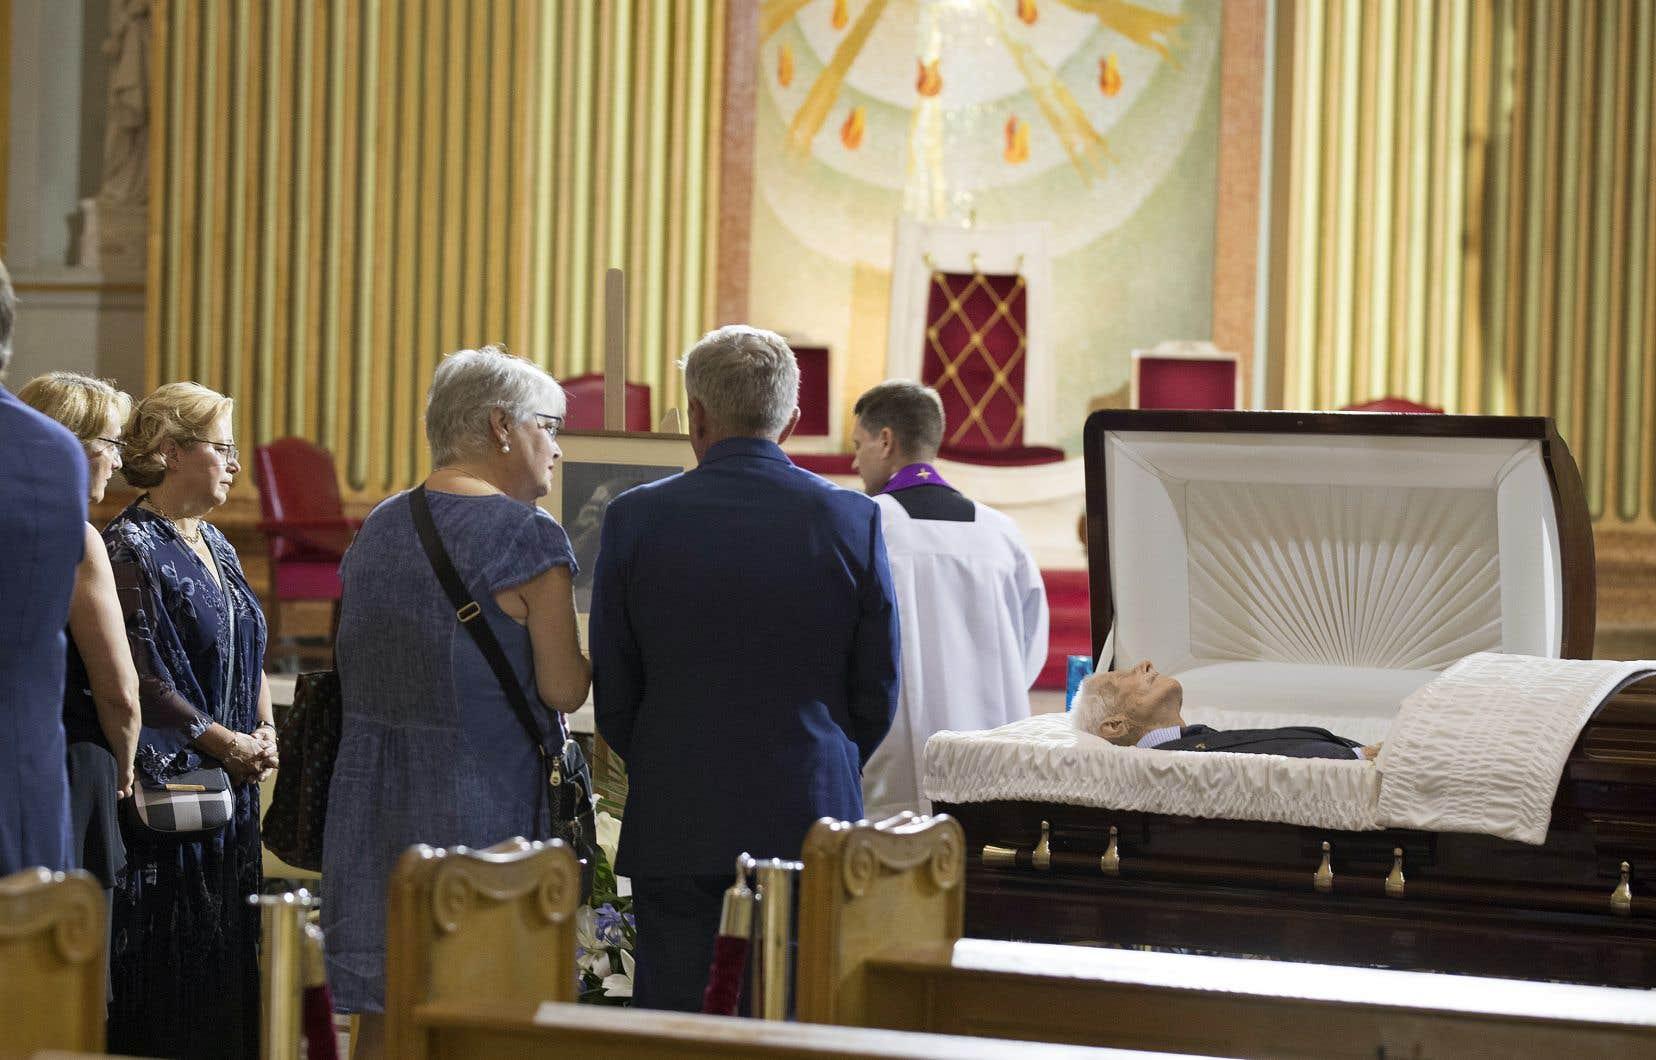 La famille de Paul Gérin-Lajoie a accueilli avec joie les hommages qui lui ont été rendus, autant par des personnalités publiques que de simples citoyens.